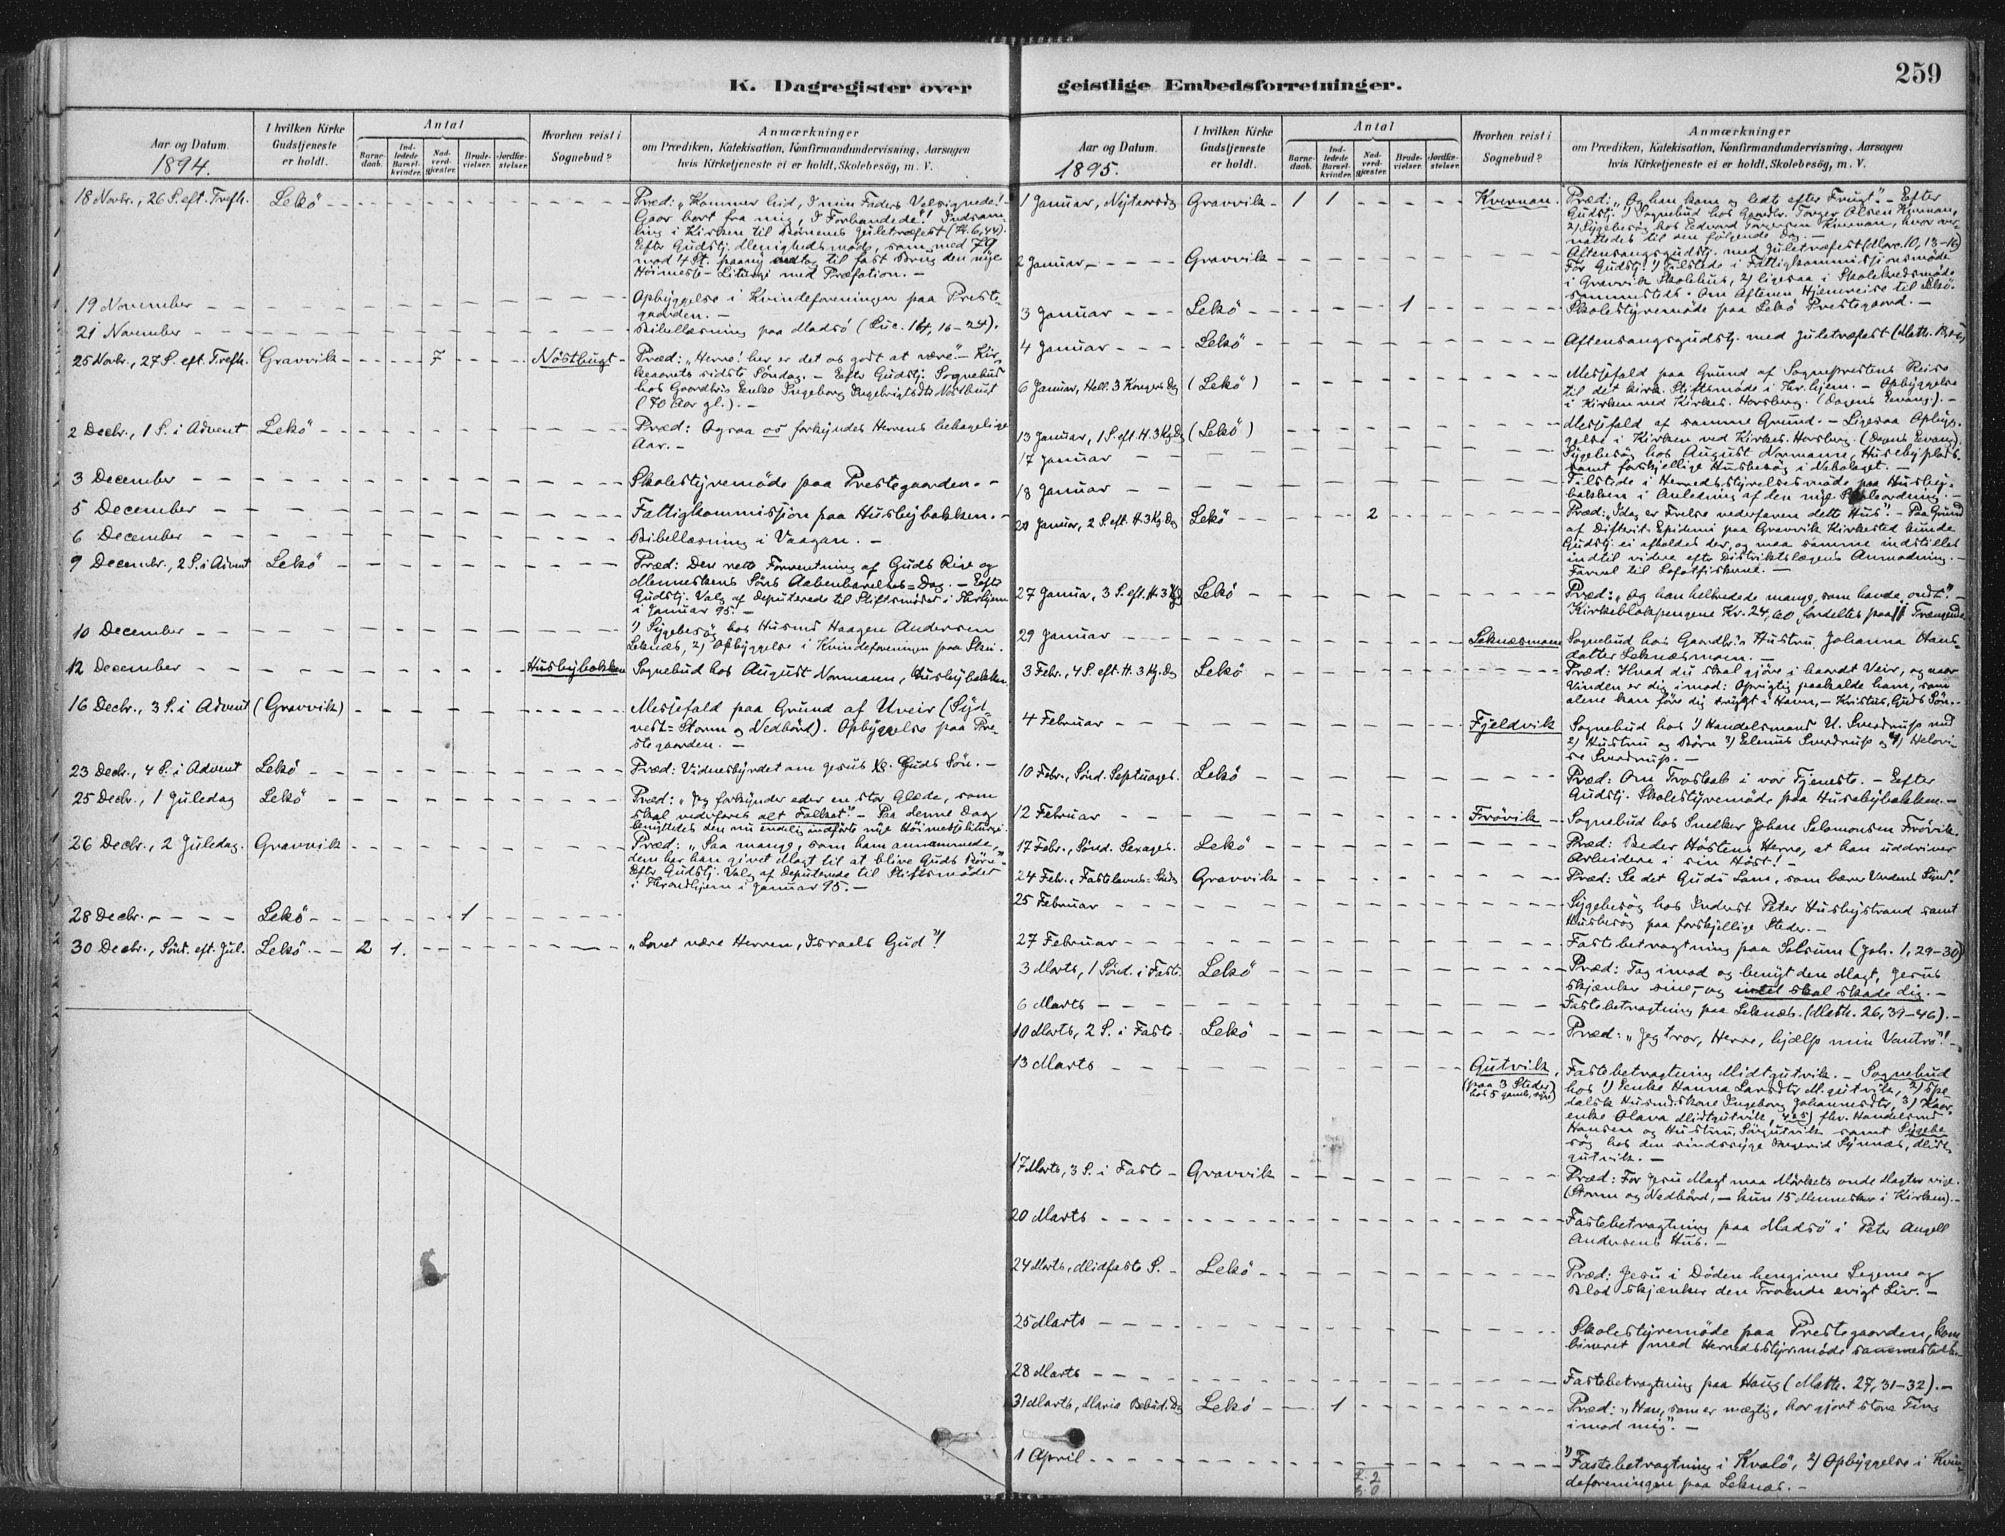 SAT, Ministerialprotokoller, klokkerbøker og fødselsregistre - Nord-Trøndelag, 788/L0697: Ministerialbok nr. 788A04, 1878-1902, s. 259